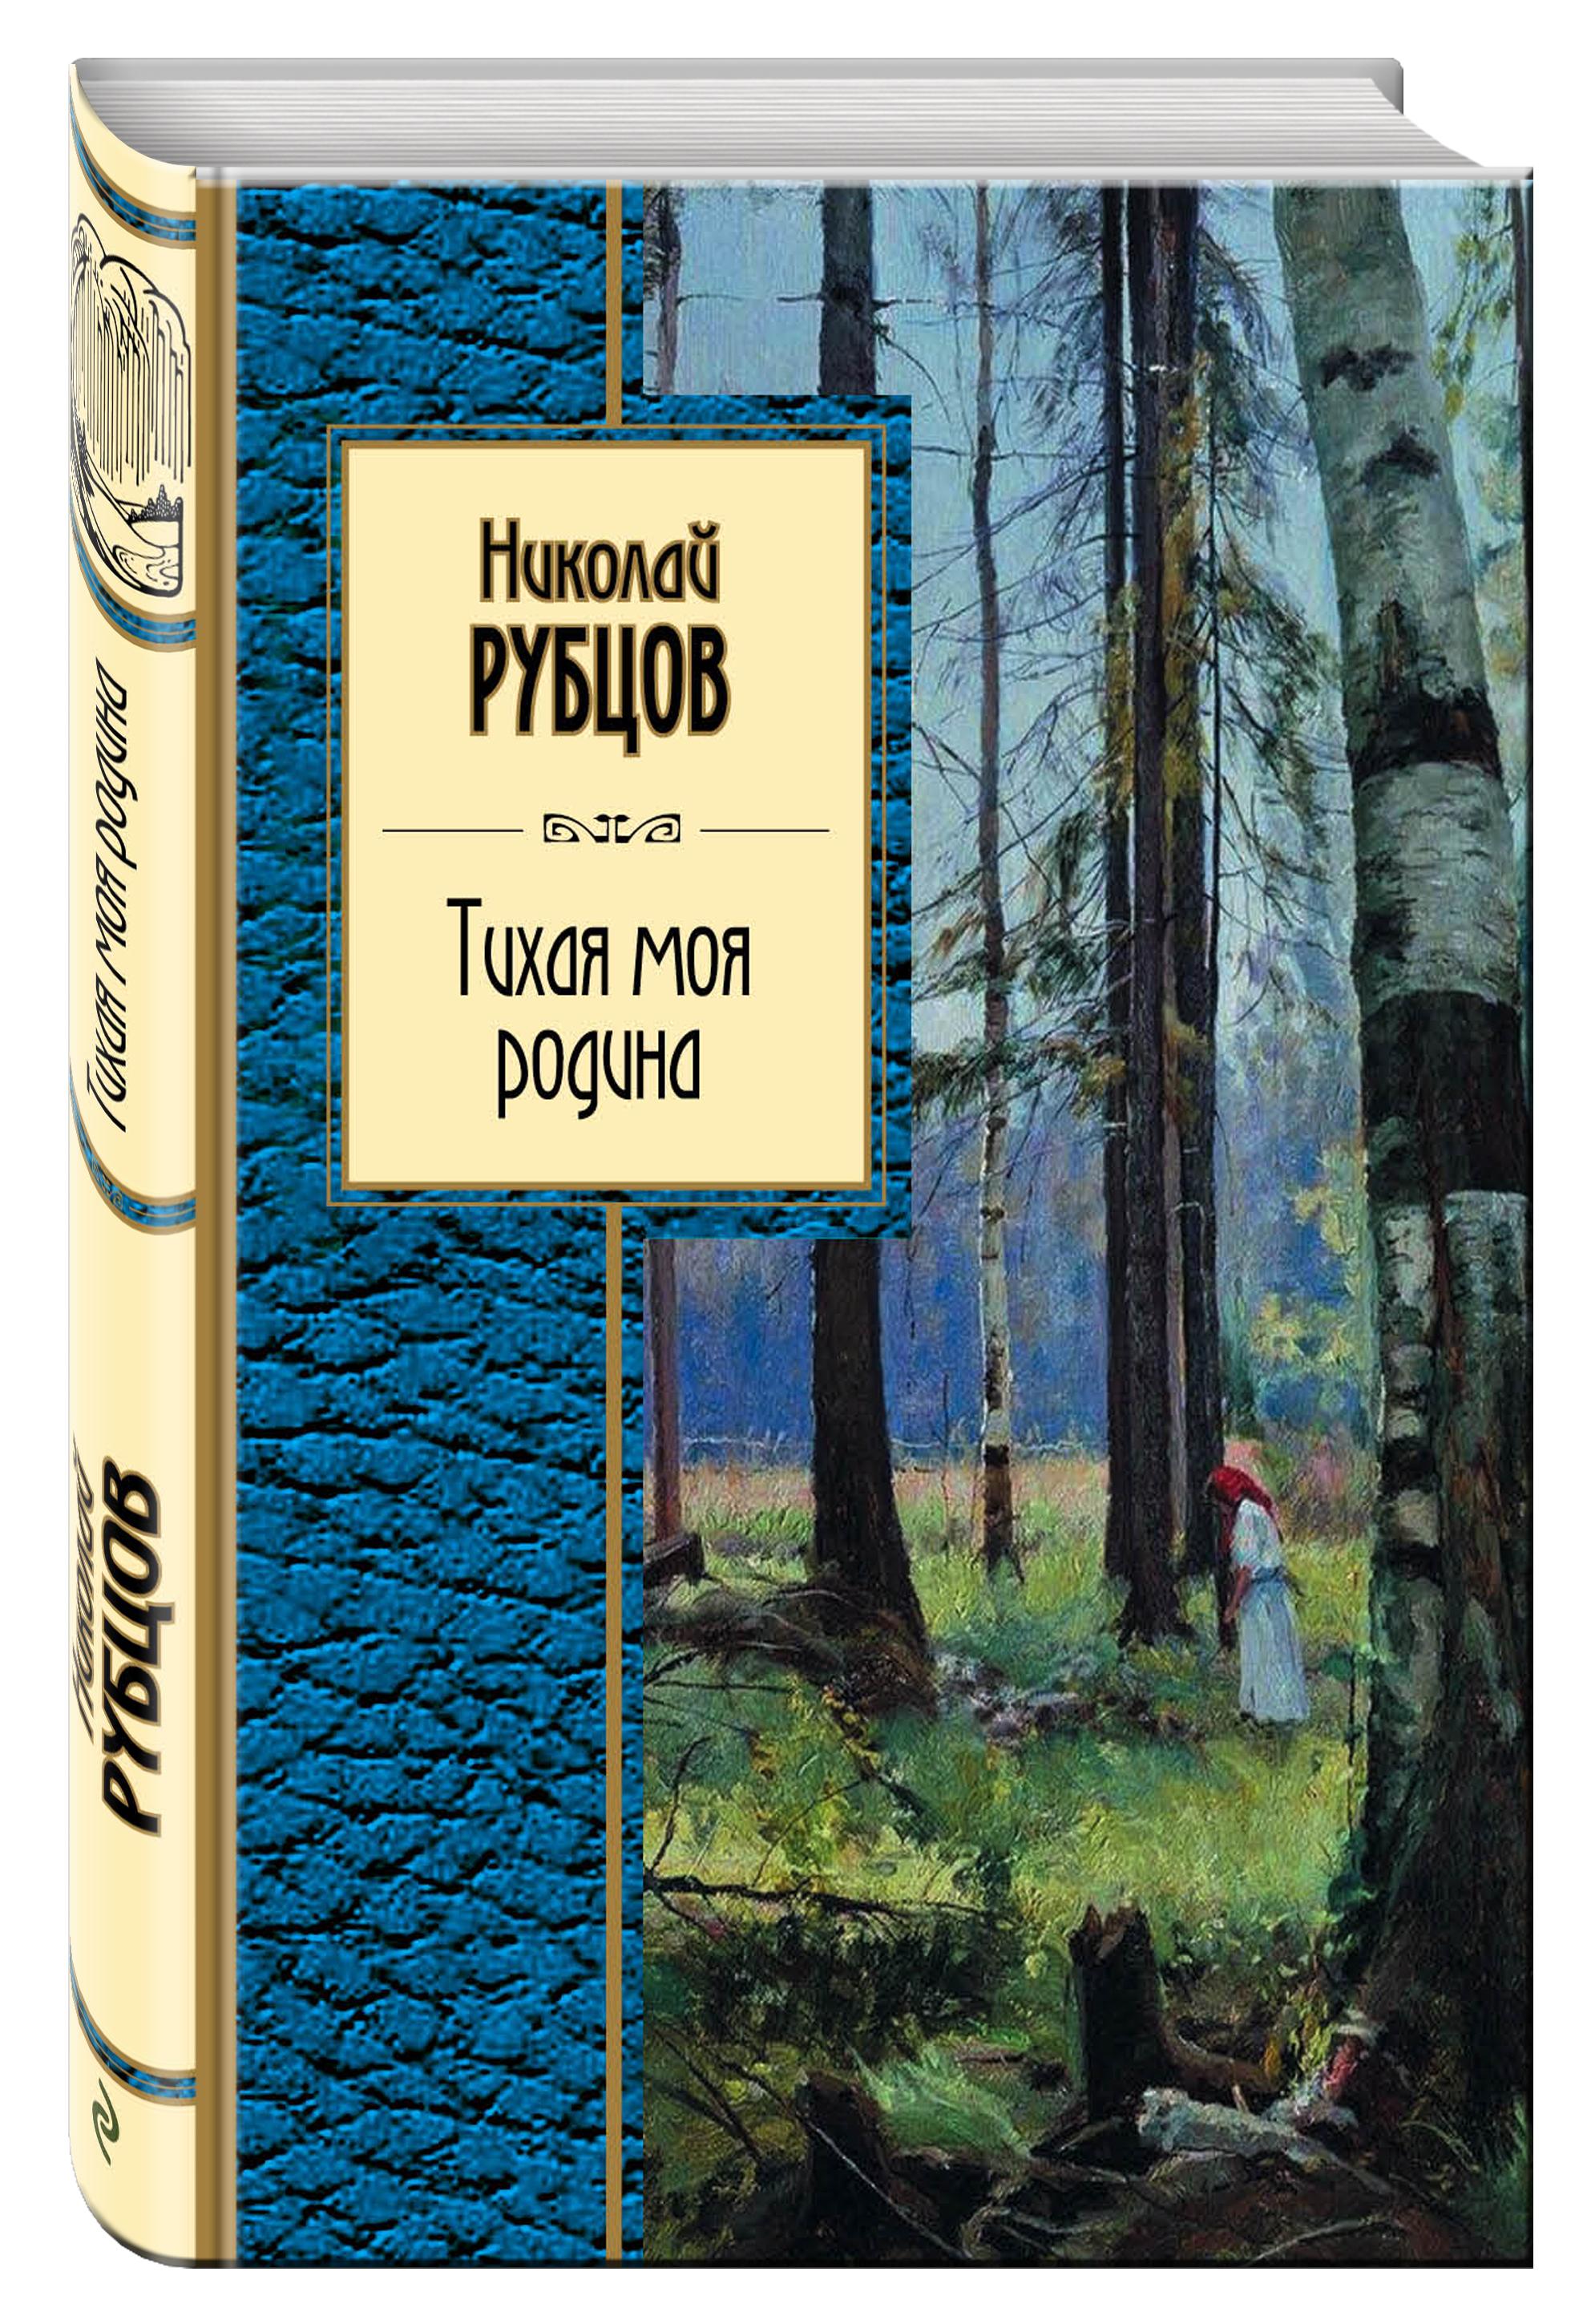 Тихая застава - купить www.sk-modyl.ru